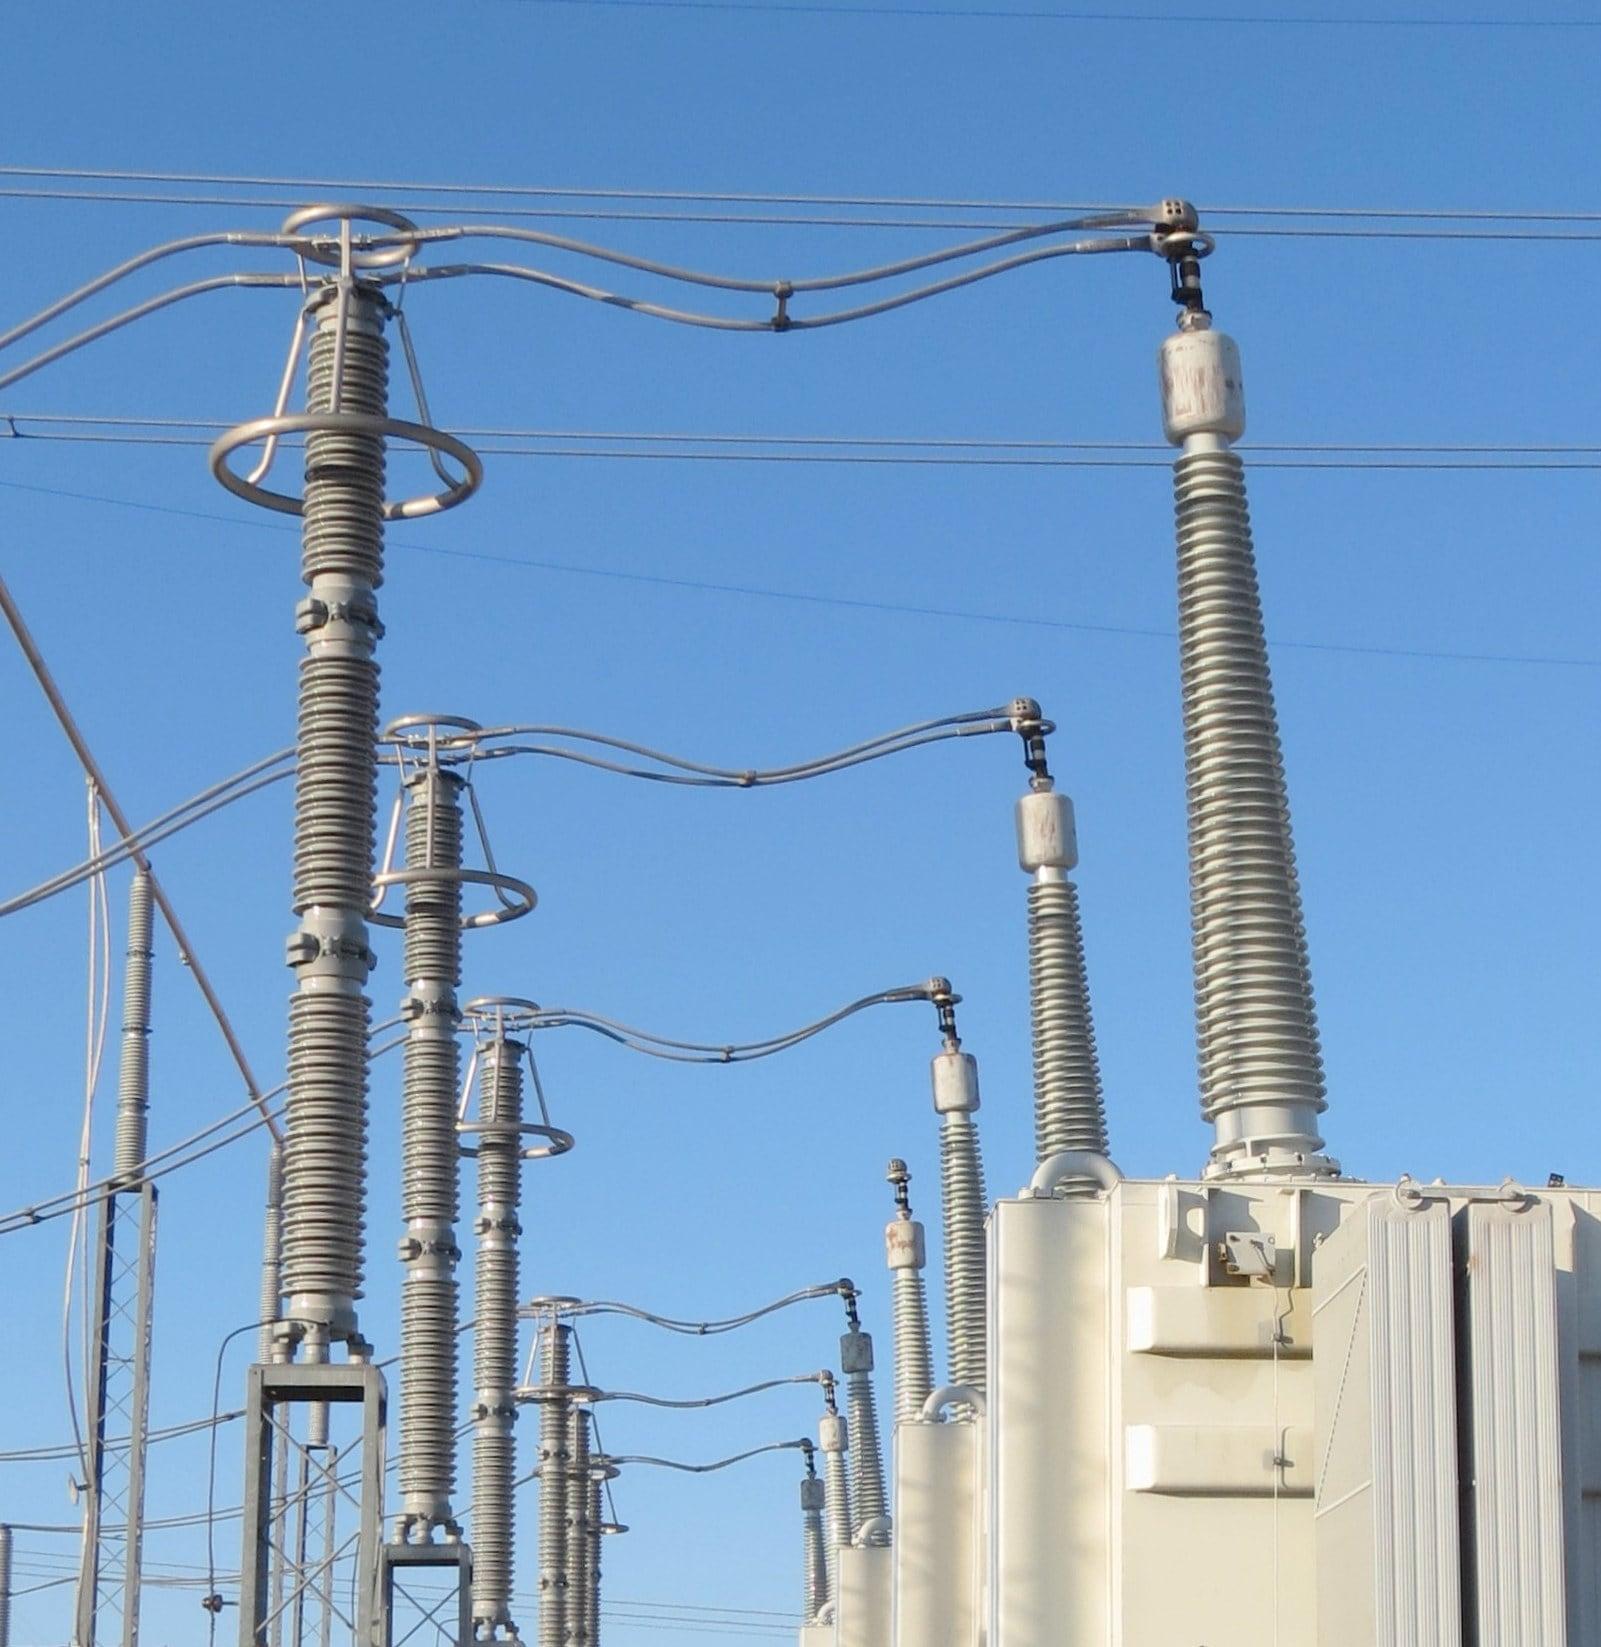 arrester arrester Arrester − Transformer Separation Distance in Substations Figure 1 Separation Distance on 345kV Transformer